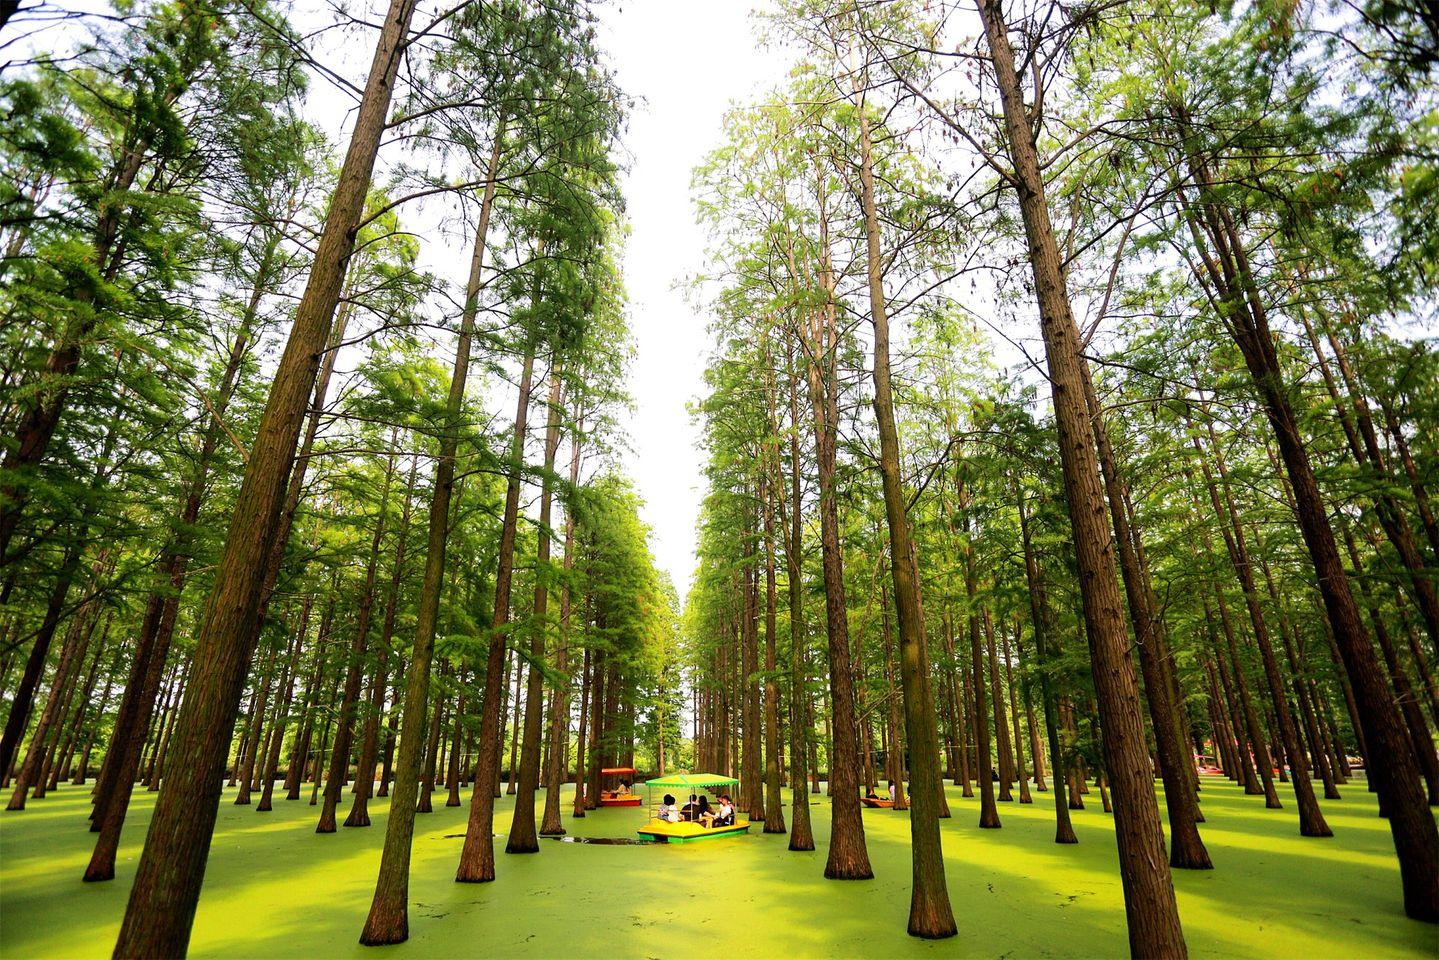 Chiêm ngưỡng vẻ đẹp lạ lùng của rừng tùng và thủy sam gỗ đỏ quý hiếm ở Trung Quốc - Ảnh 1.